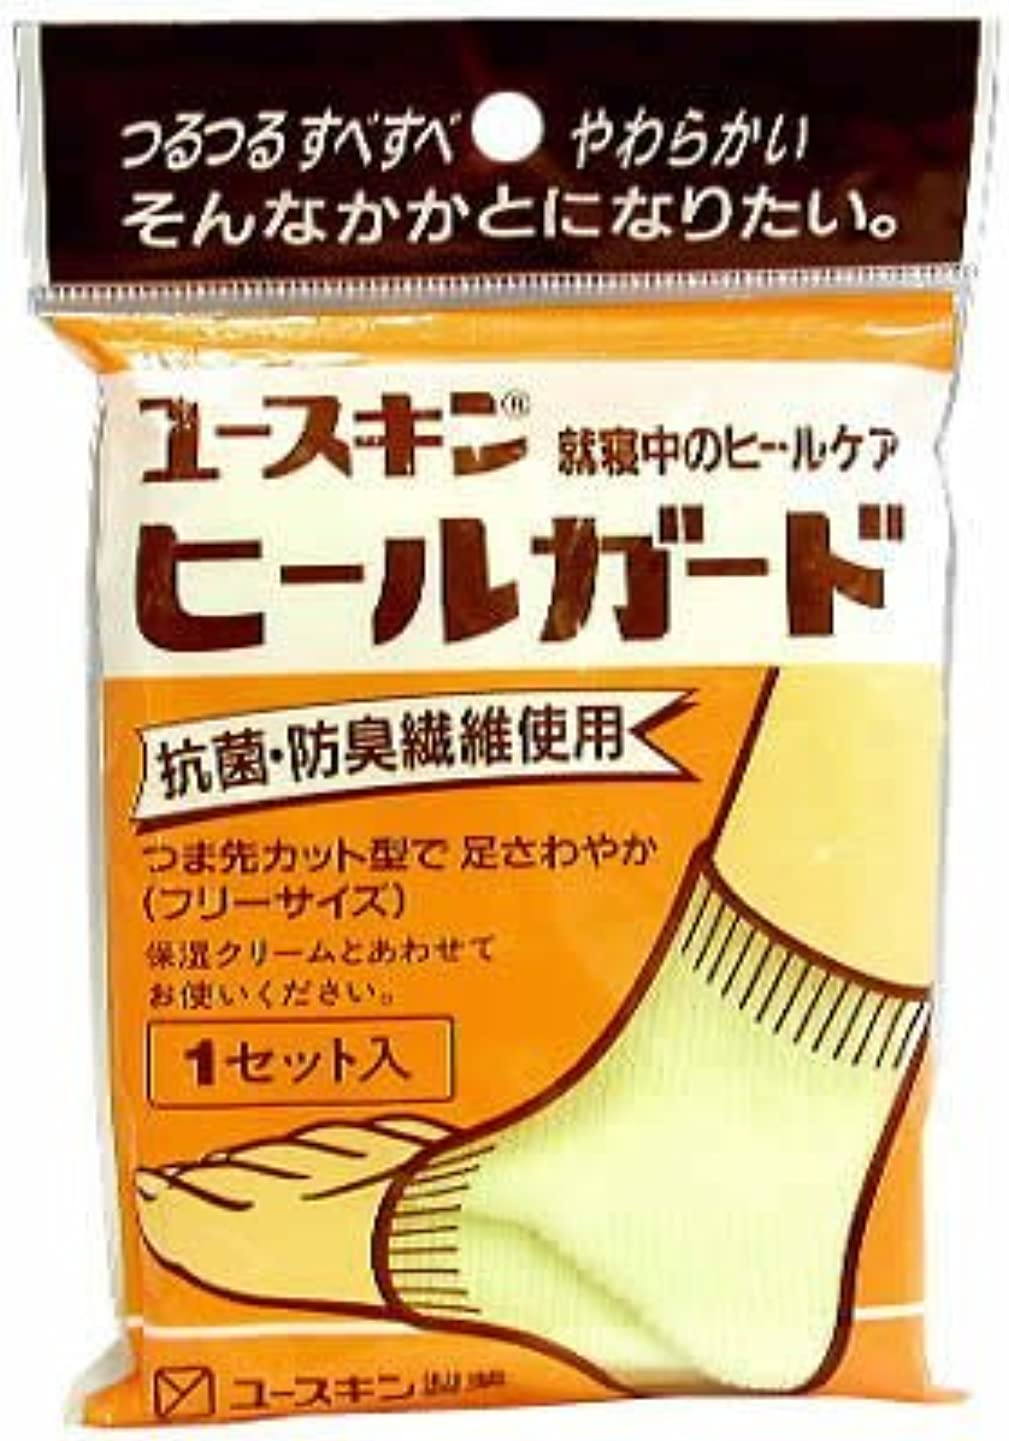 ジャンク請求シニスユースキン ヒールガード 1組(2枚) (かかと専用靴下)×3個